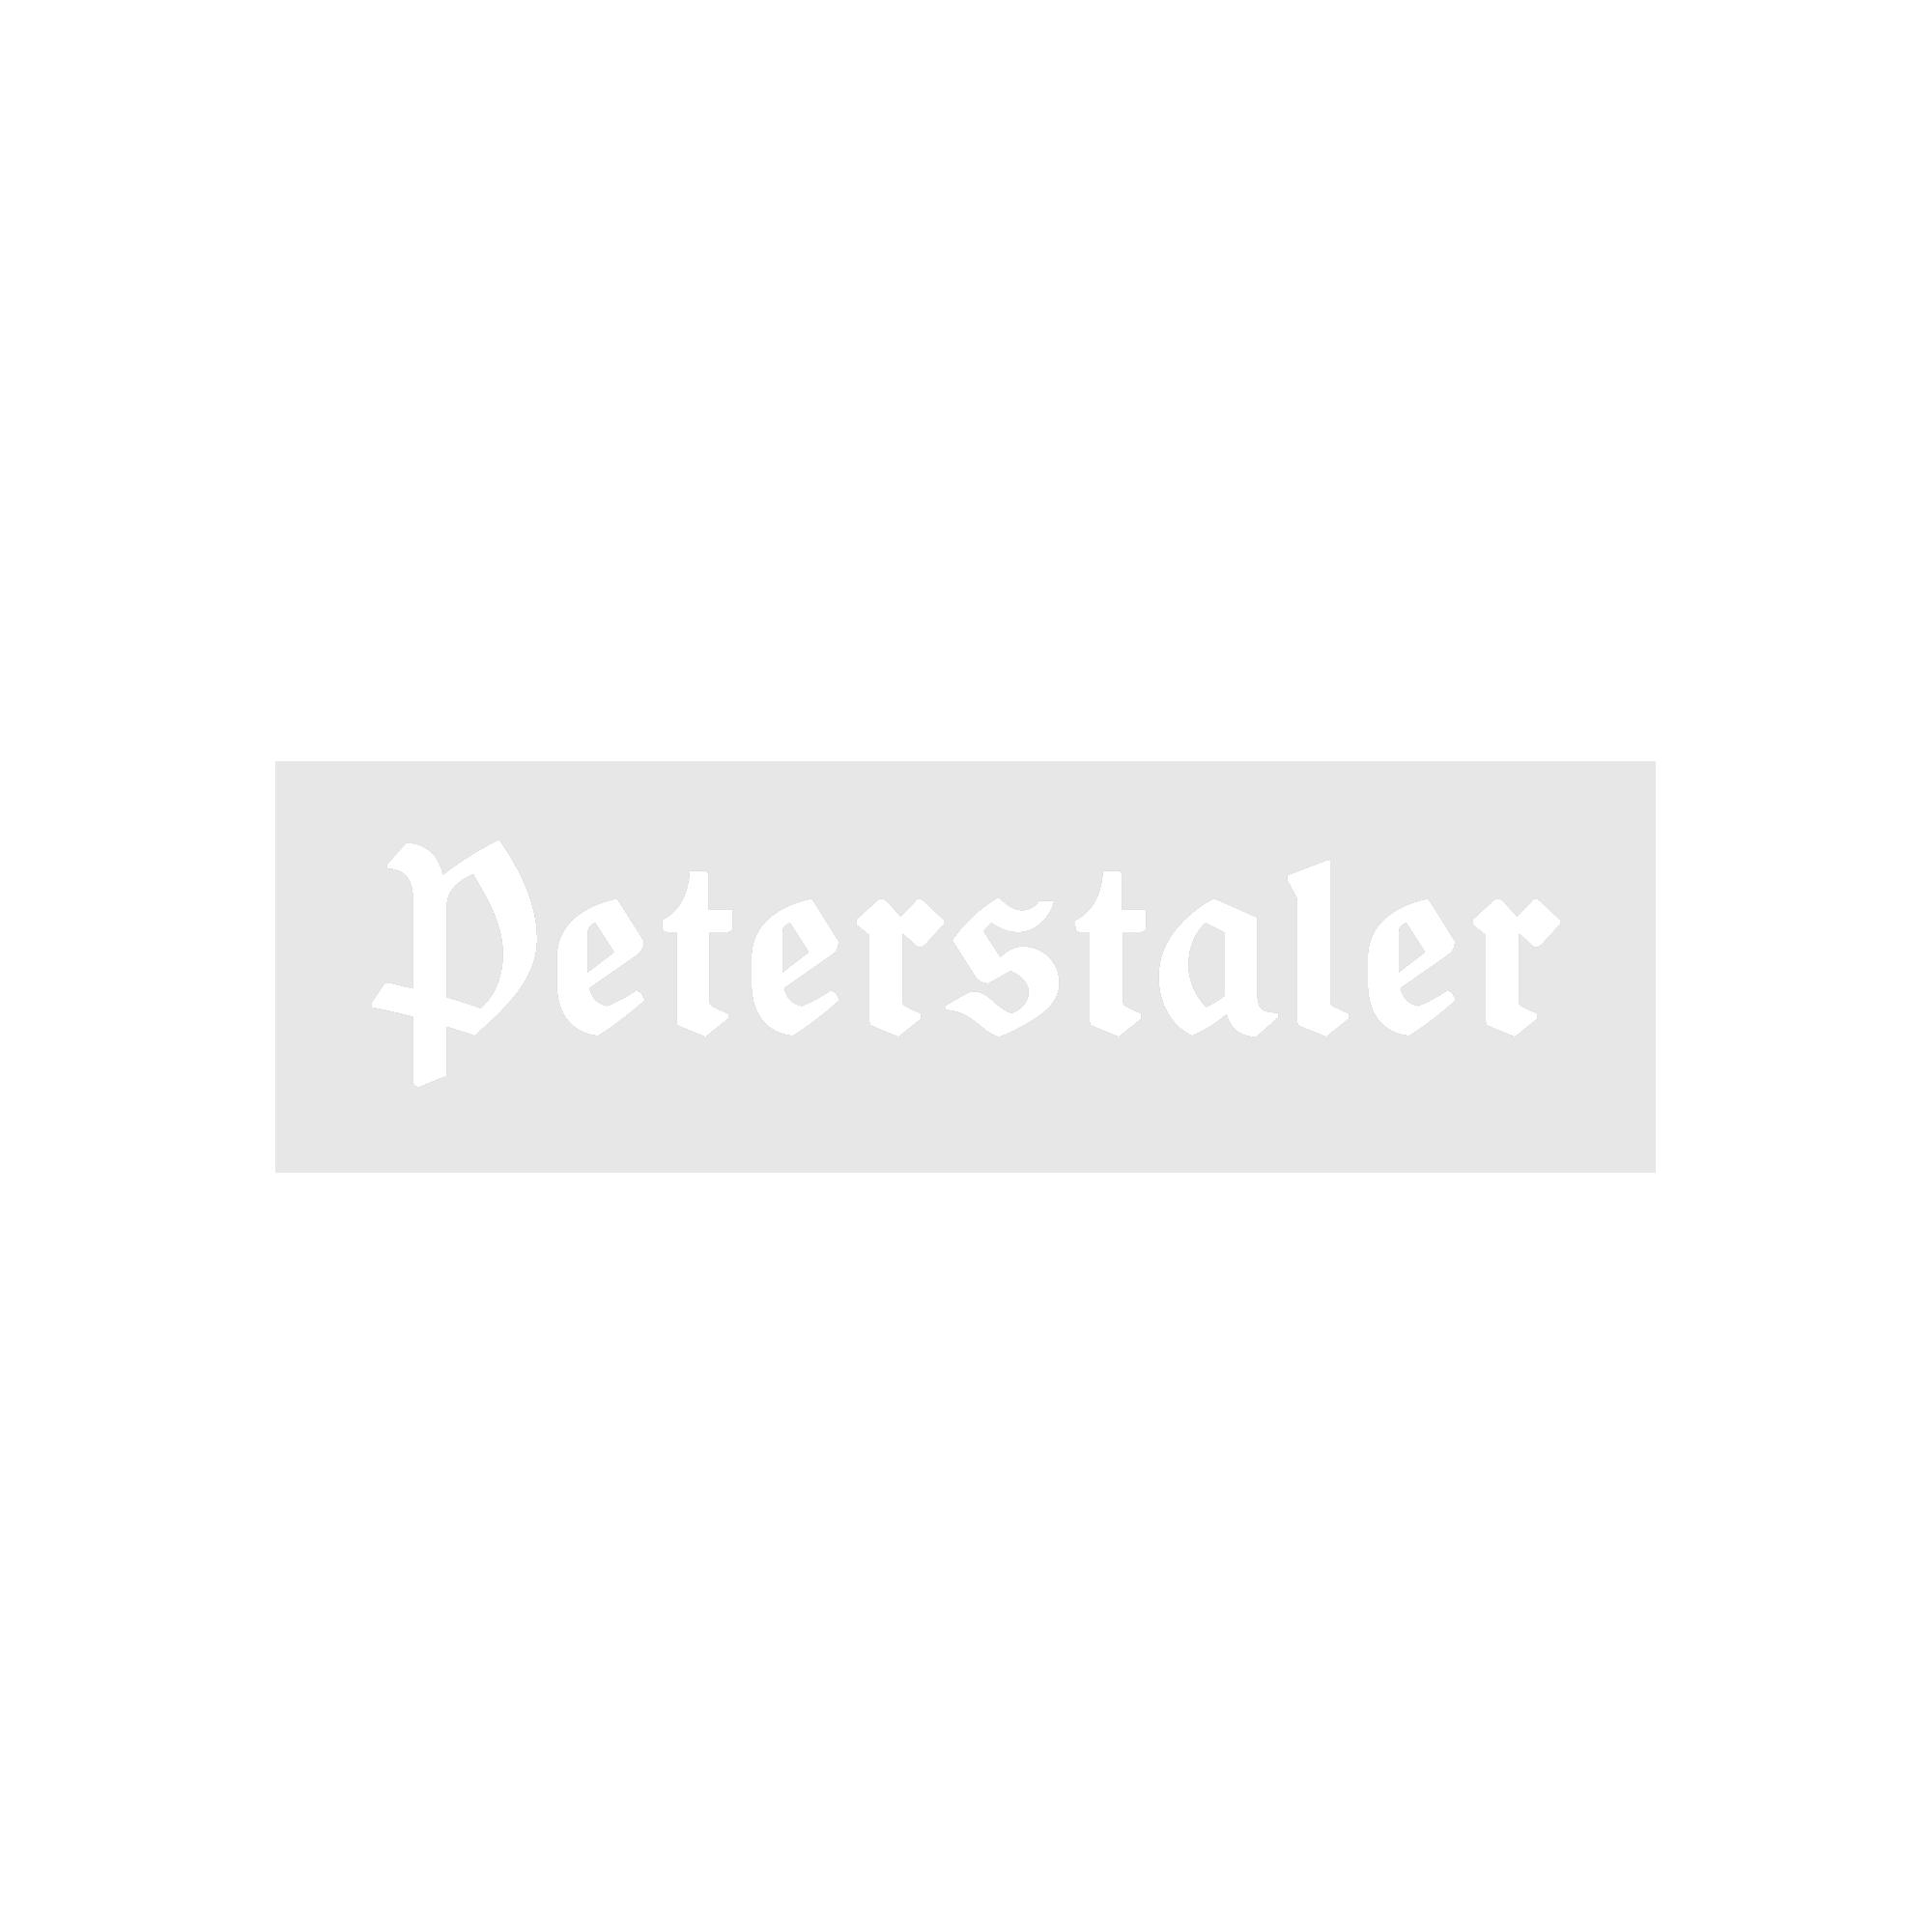 Peterstaler.png